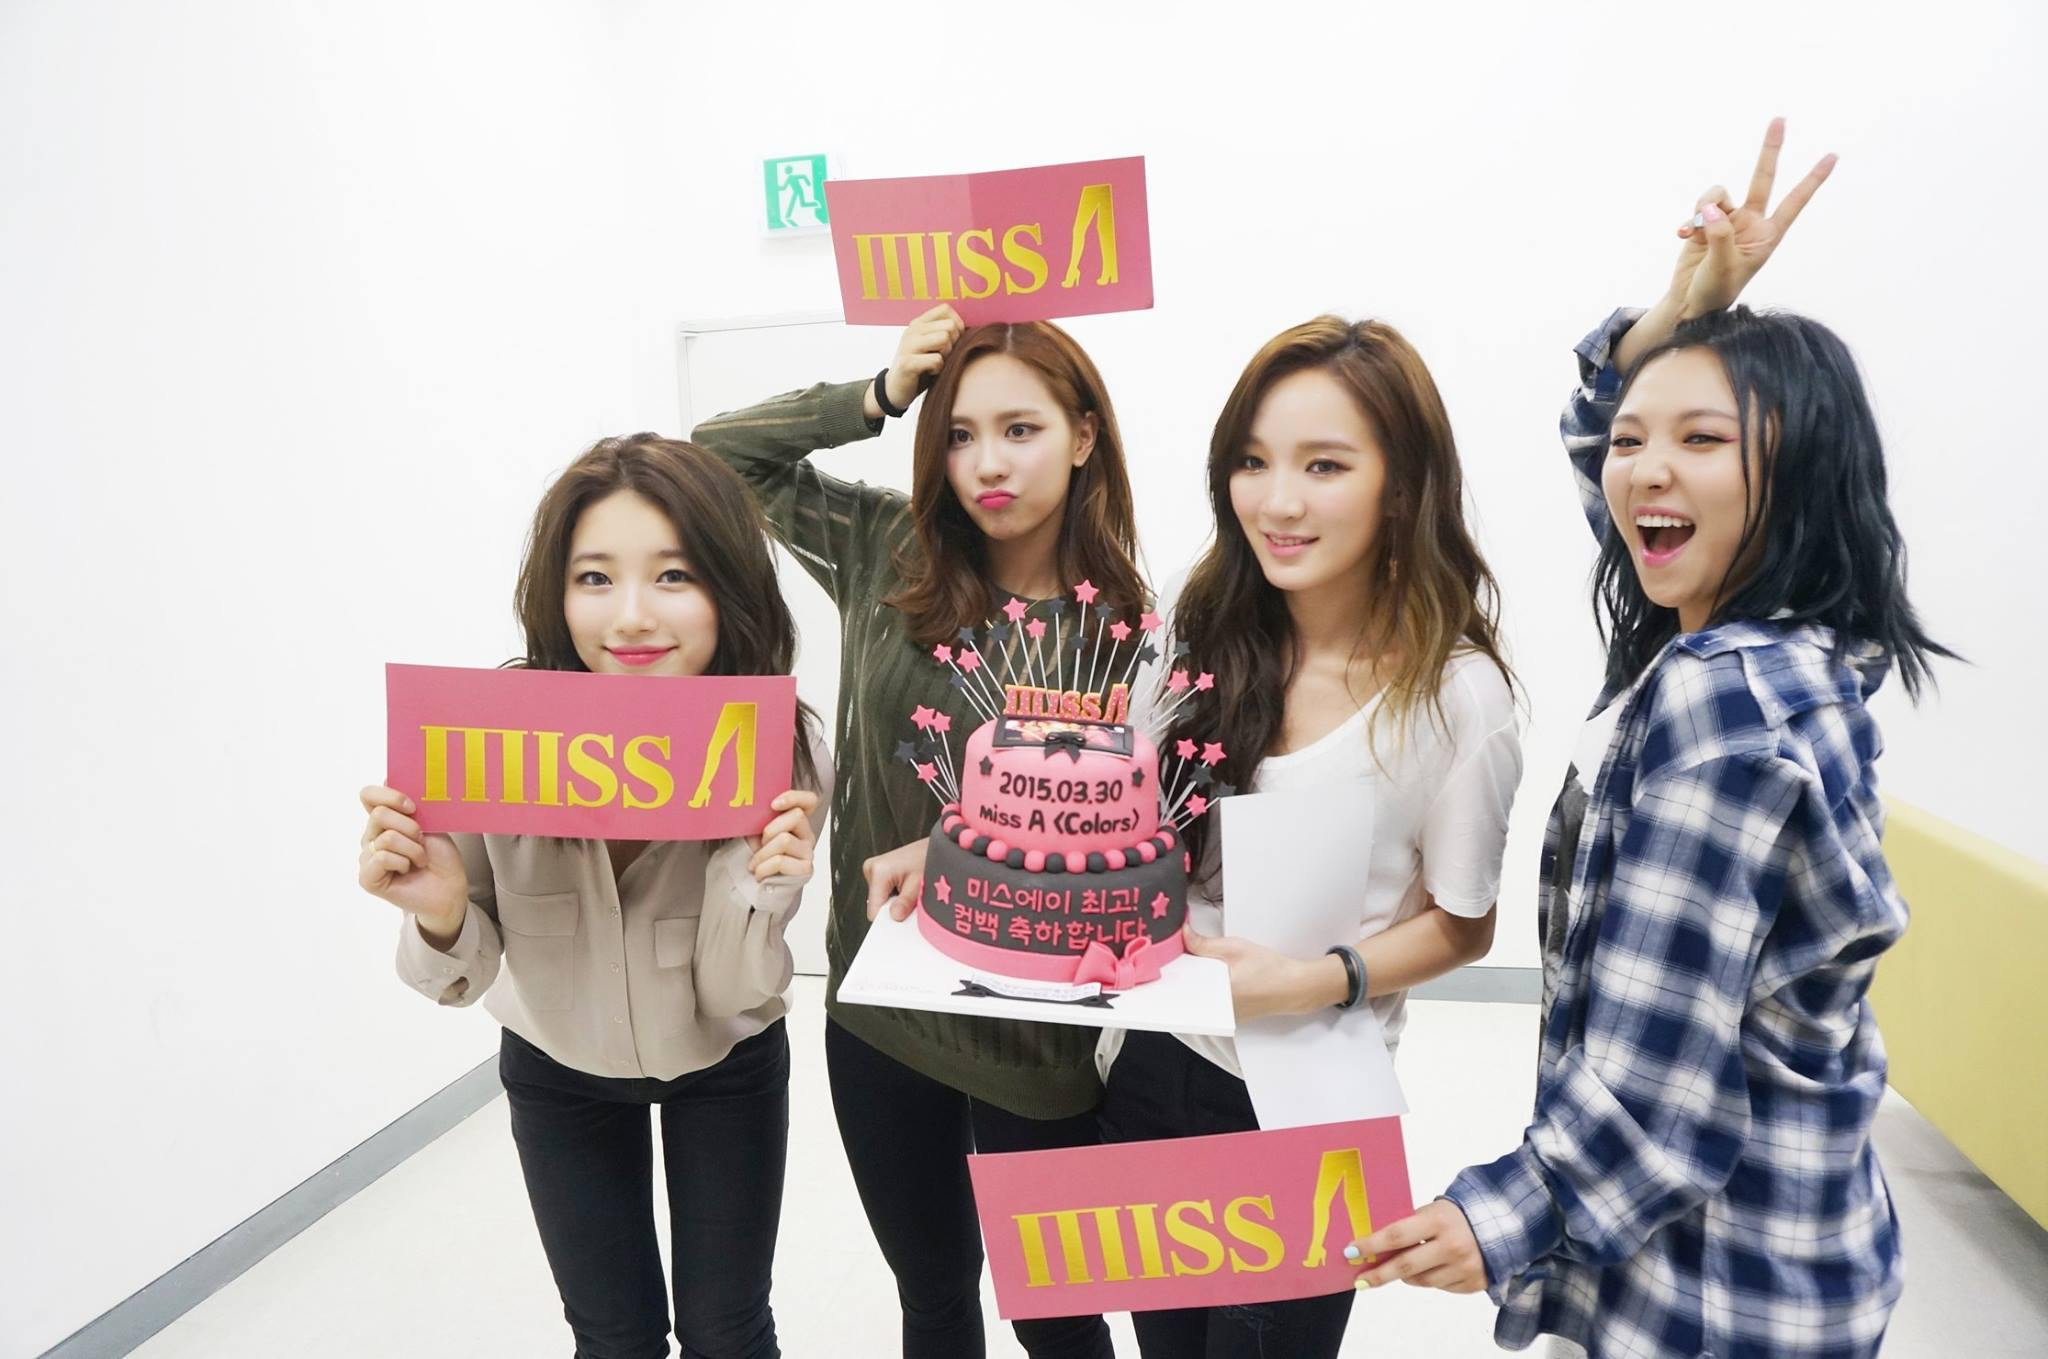 Miss A Suzy- iPhone6S 銀 Fei - iPhone6S 銀 Min - iPhone6S 玫瑰金